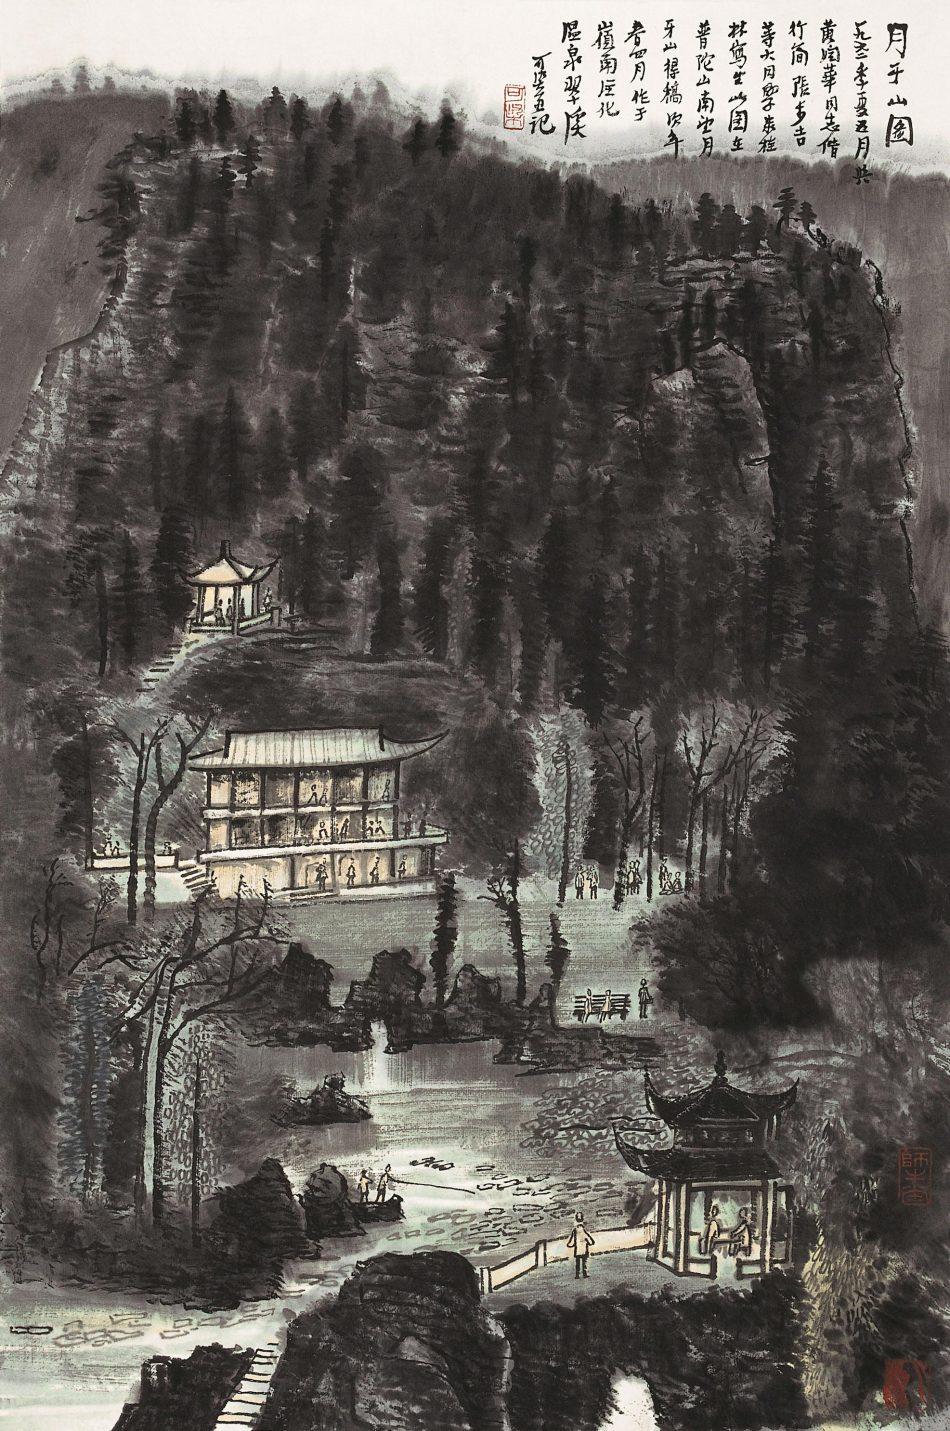 书画作品的拍卖纪录,忽然想起了北宋范仲淹名篇《岳阳楼记》里的那句